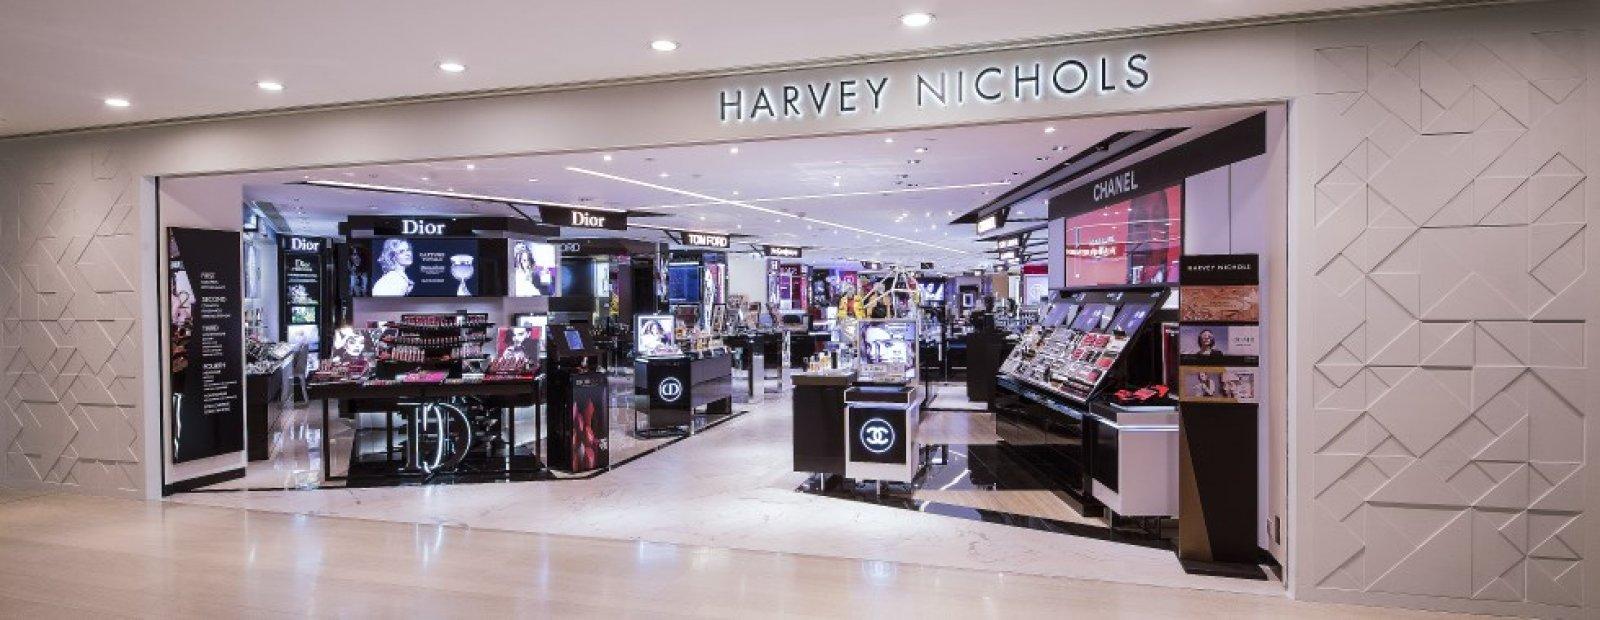 Harvey Nichols Mağazası